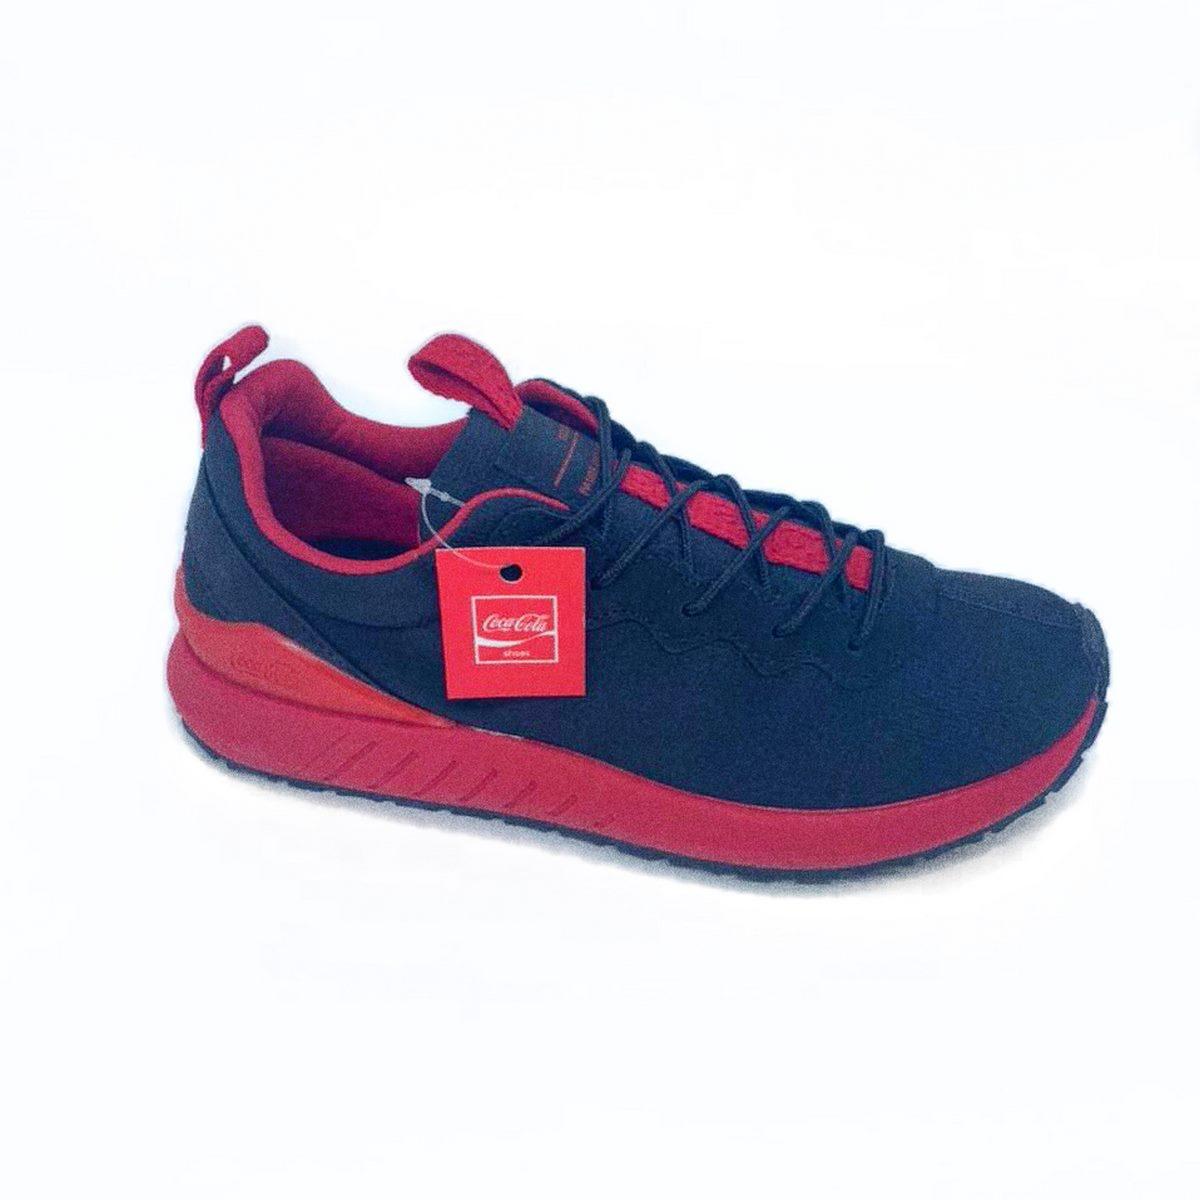 Tênis Coca-Cola Space Shoes Preto/Vermelho